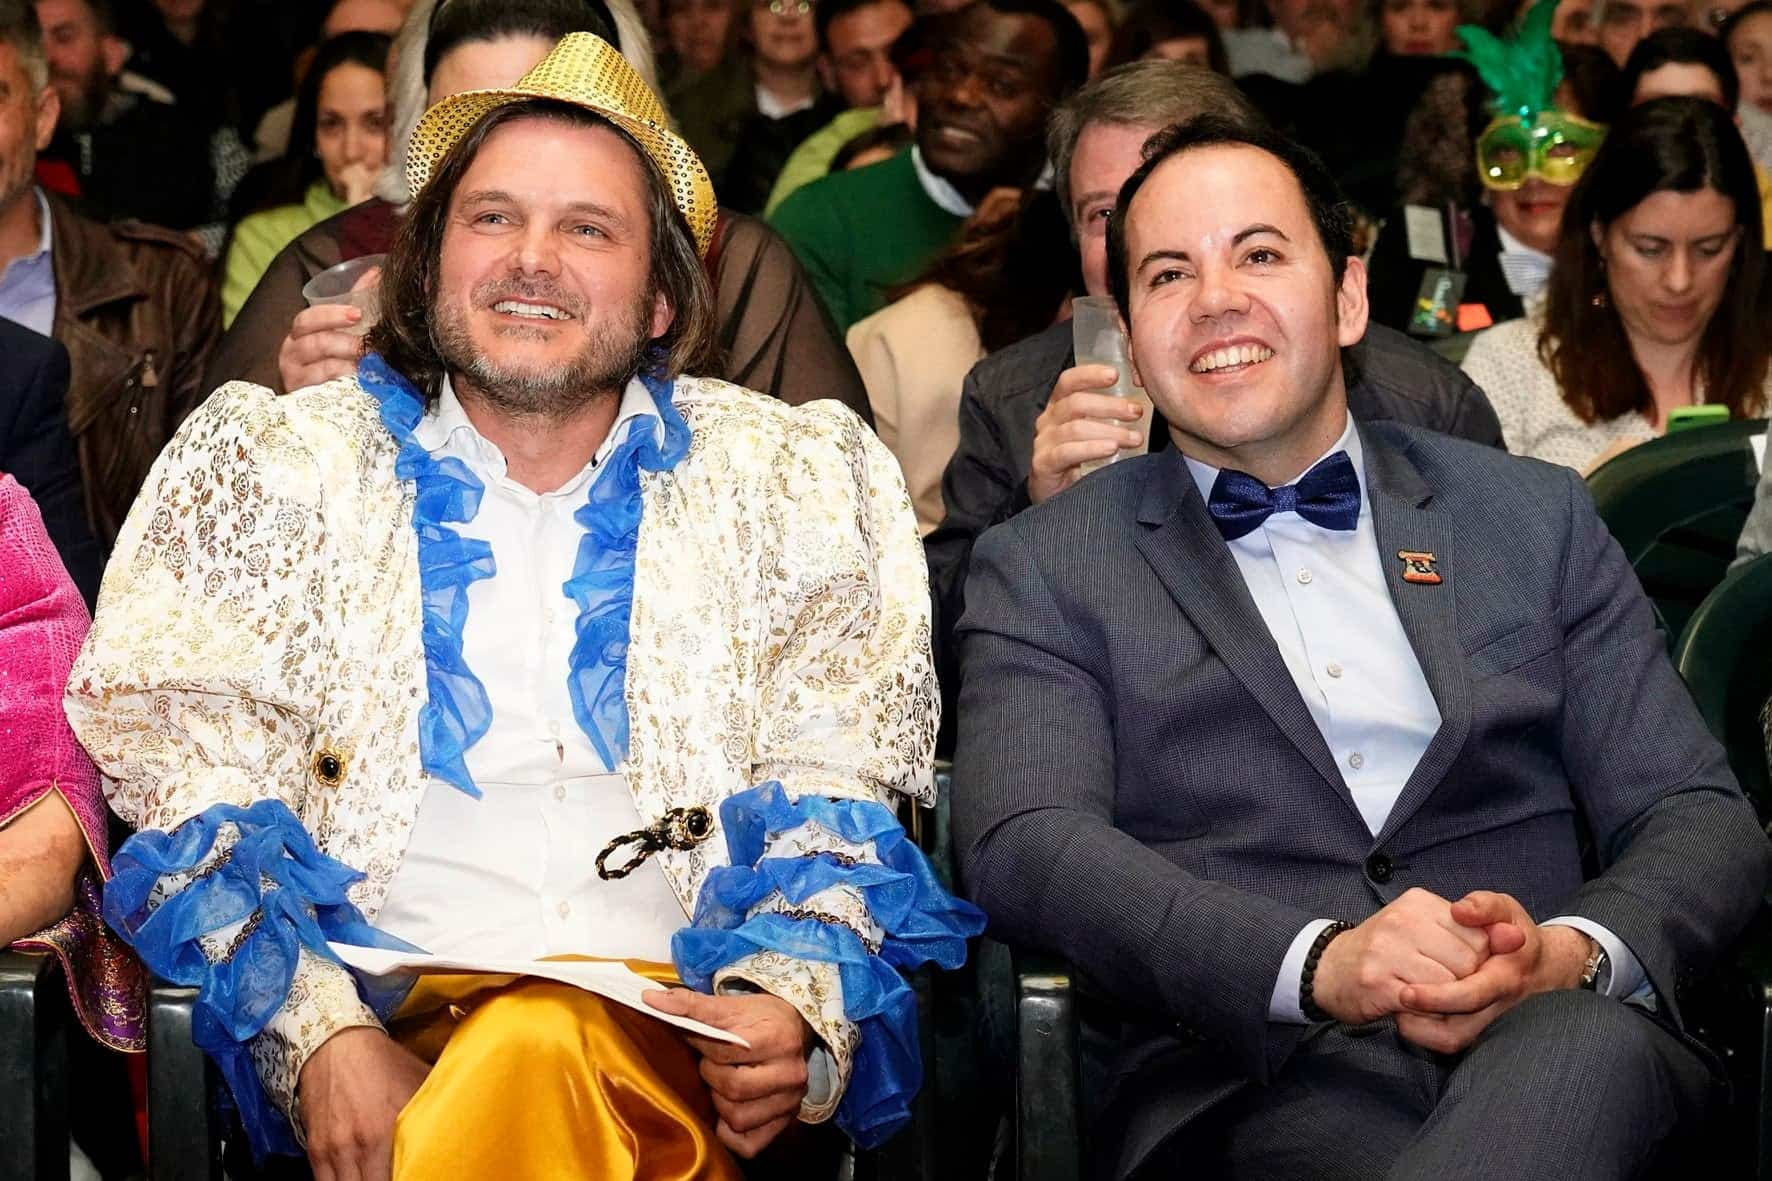 inauguracion carnaval 2020 herencia 5 - Inauguración del Carnaval de Herencia 2020